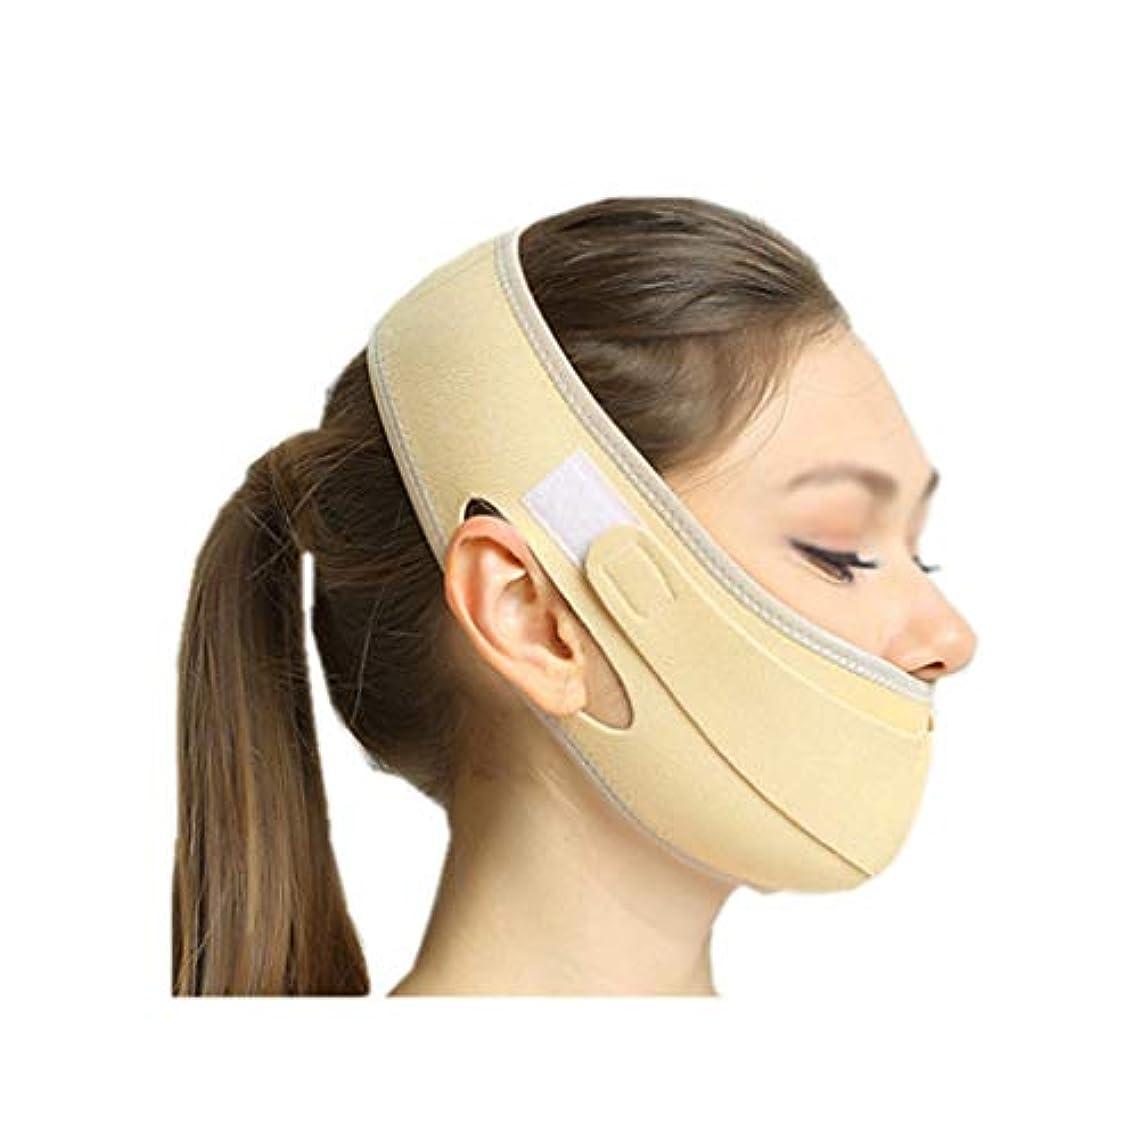 赤外線無声で供給XHLMRMJ 薄い顔で眠り、ラインカービング後に包帯を復元し、薄いダブルチンがマスクマスクを持ち上げ、2つのスタイルから選択できます (Color : A)